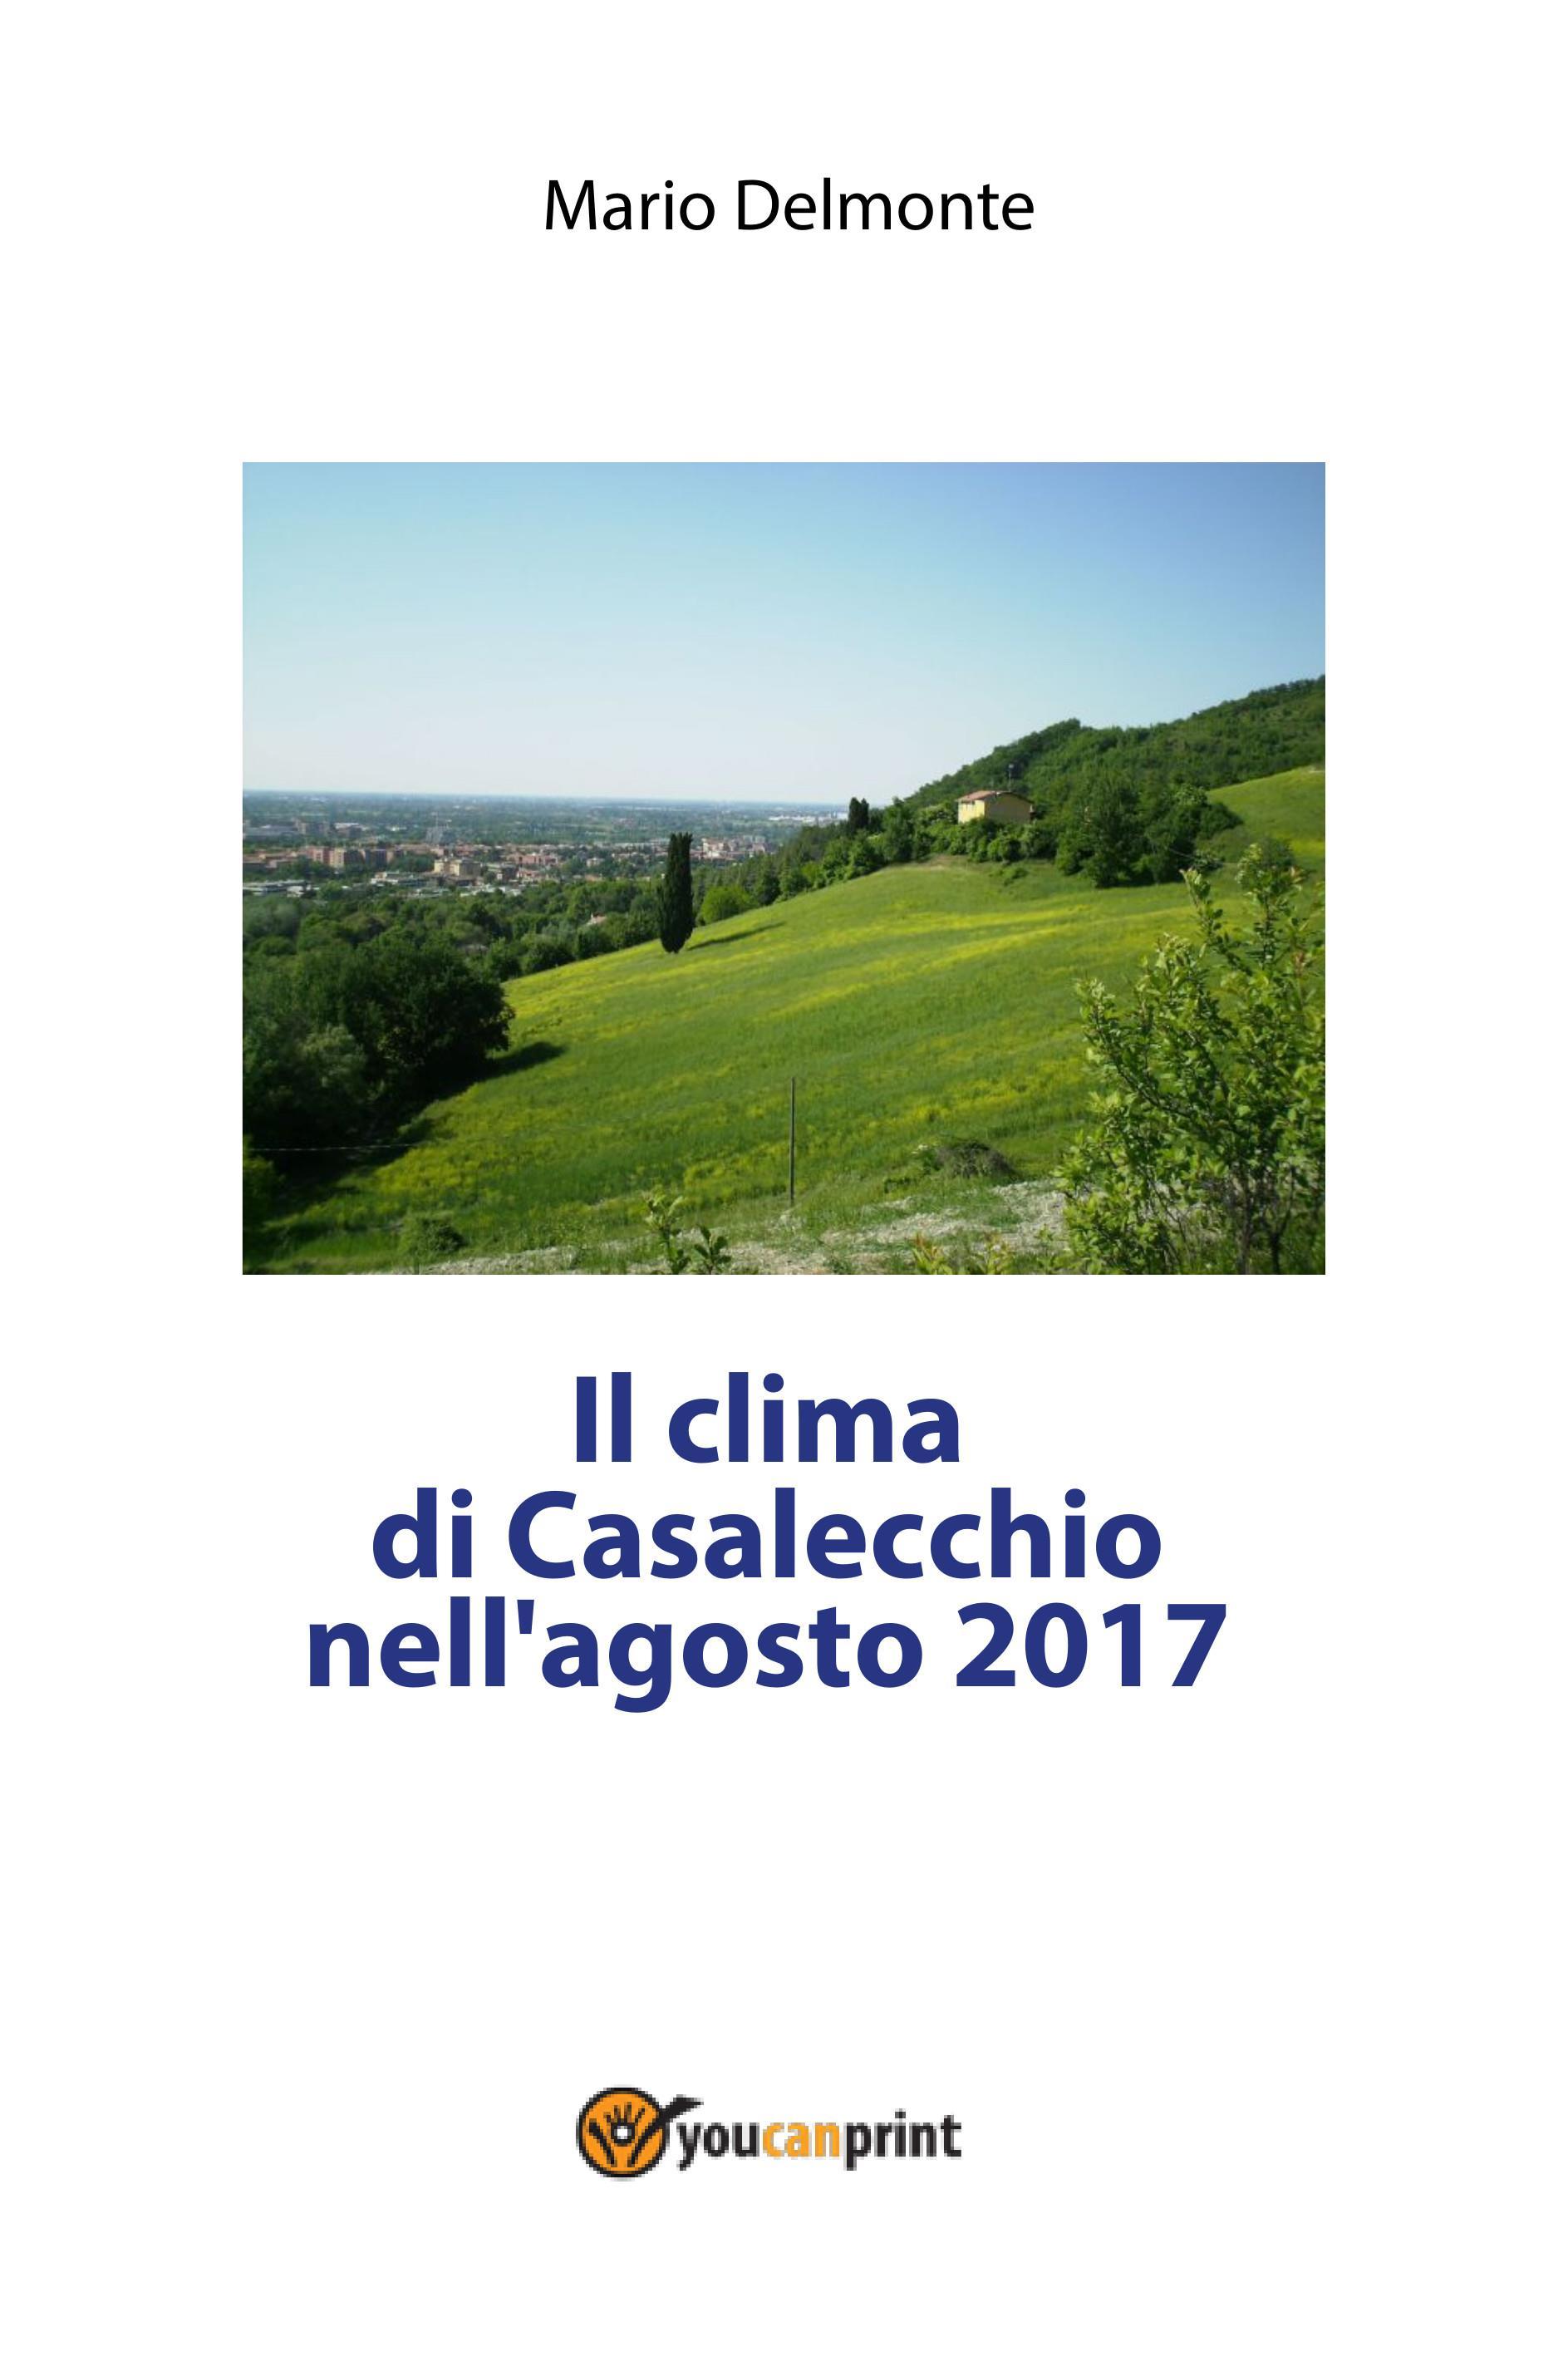 Il clima di Casalecchio nell'agosto 2017